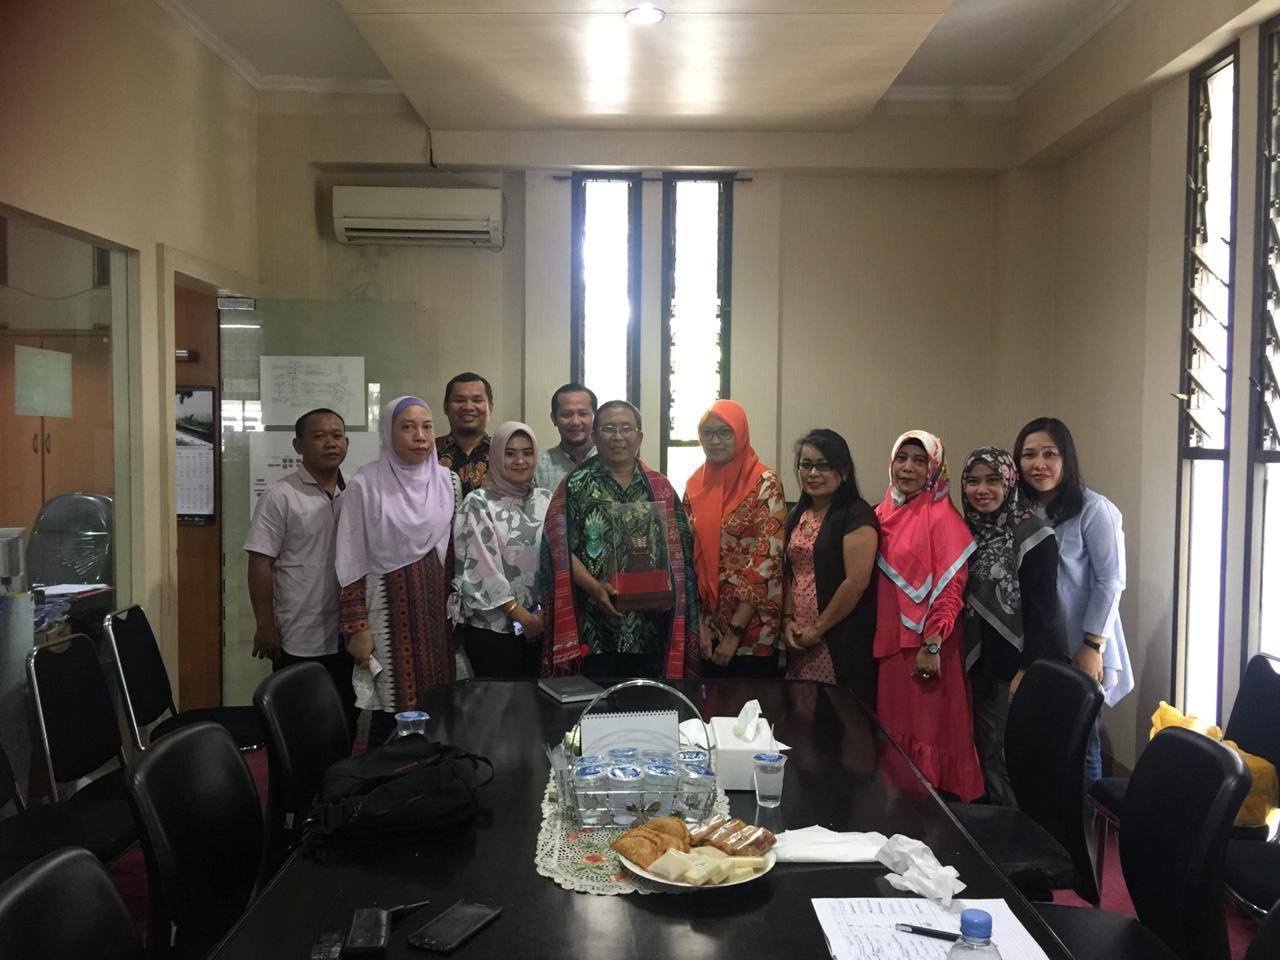 Preview Bagian Hukum menerima kunjungan kerja Biro Hukum Pemprov Sumatera Utara, 28 Juni 2019